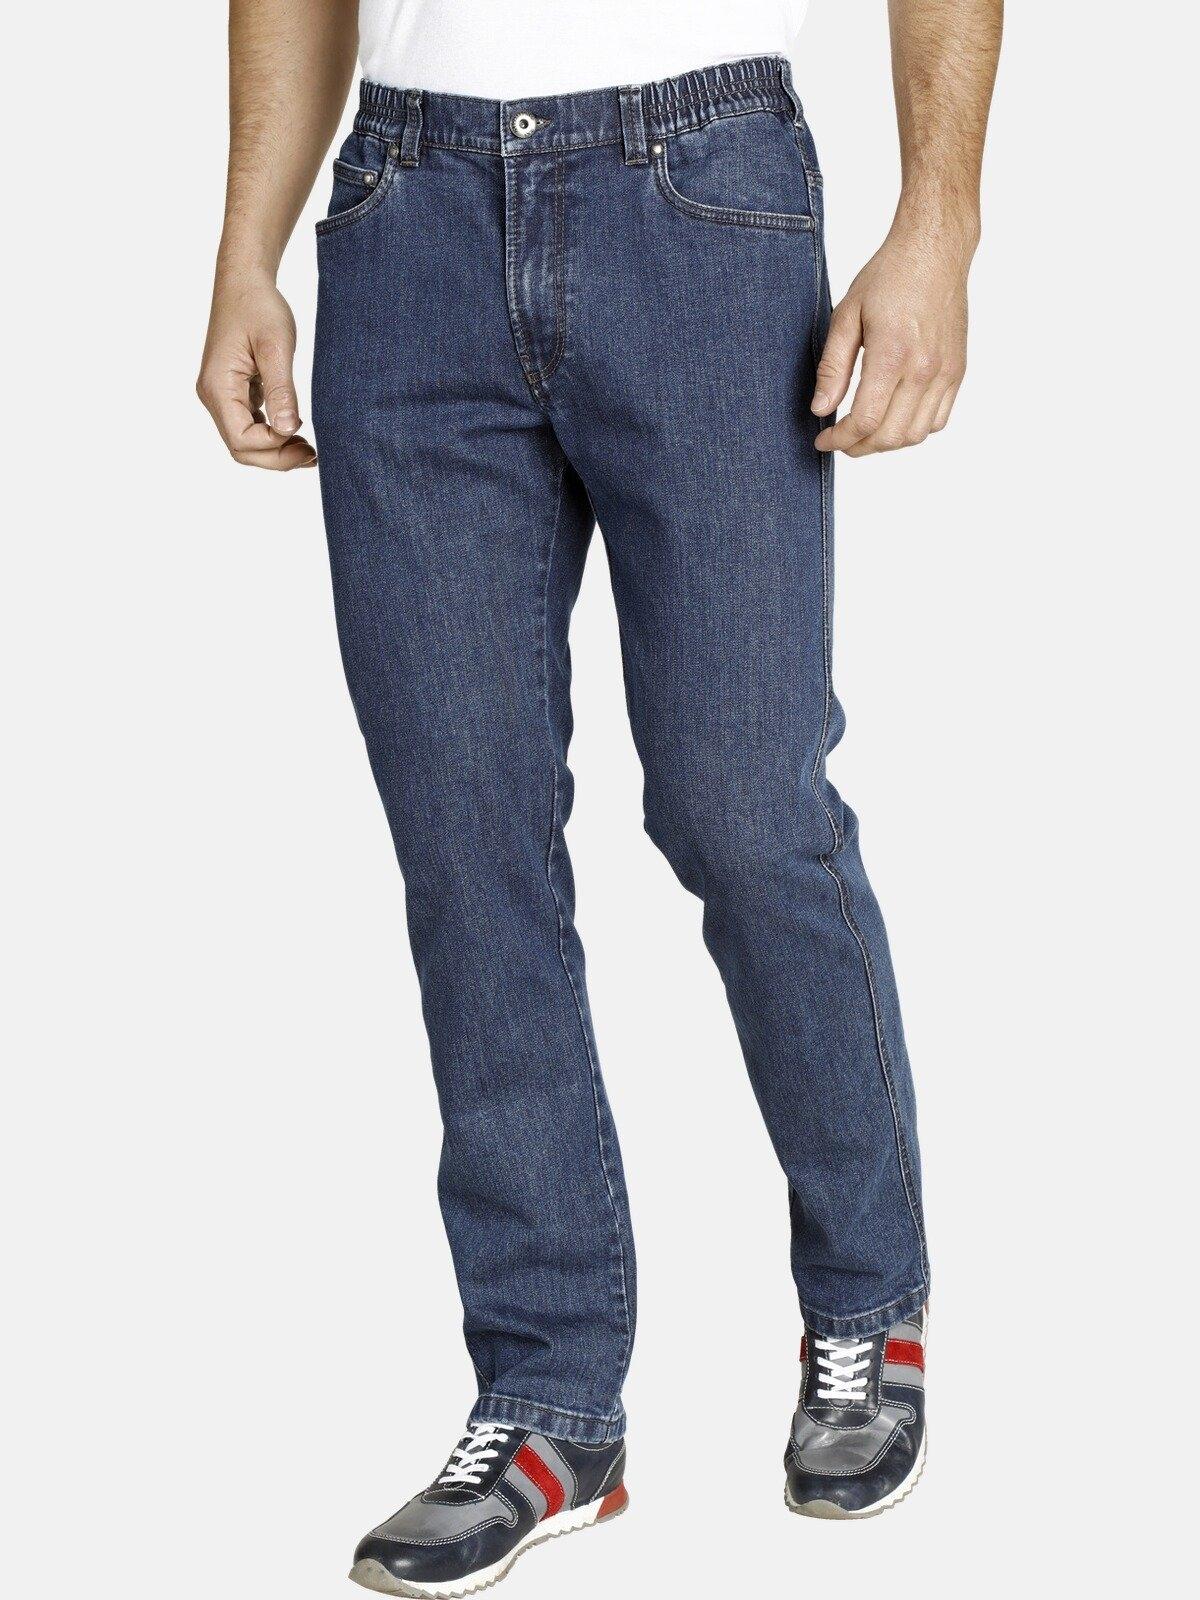 Jan Vanderstorm Bequeme Jeans »LOYD« veilig op otto.nl kopen